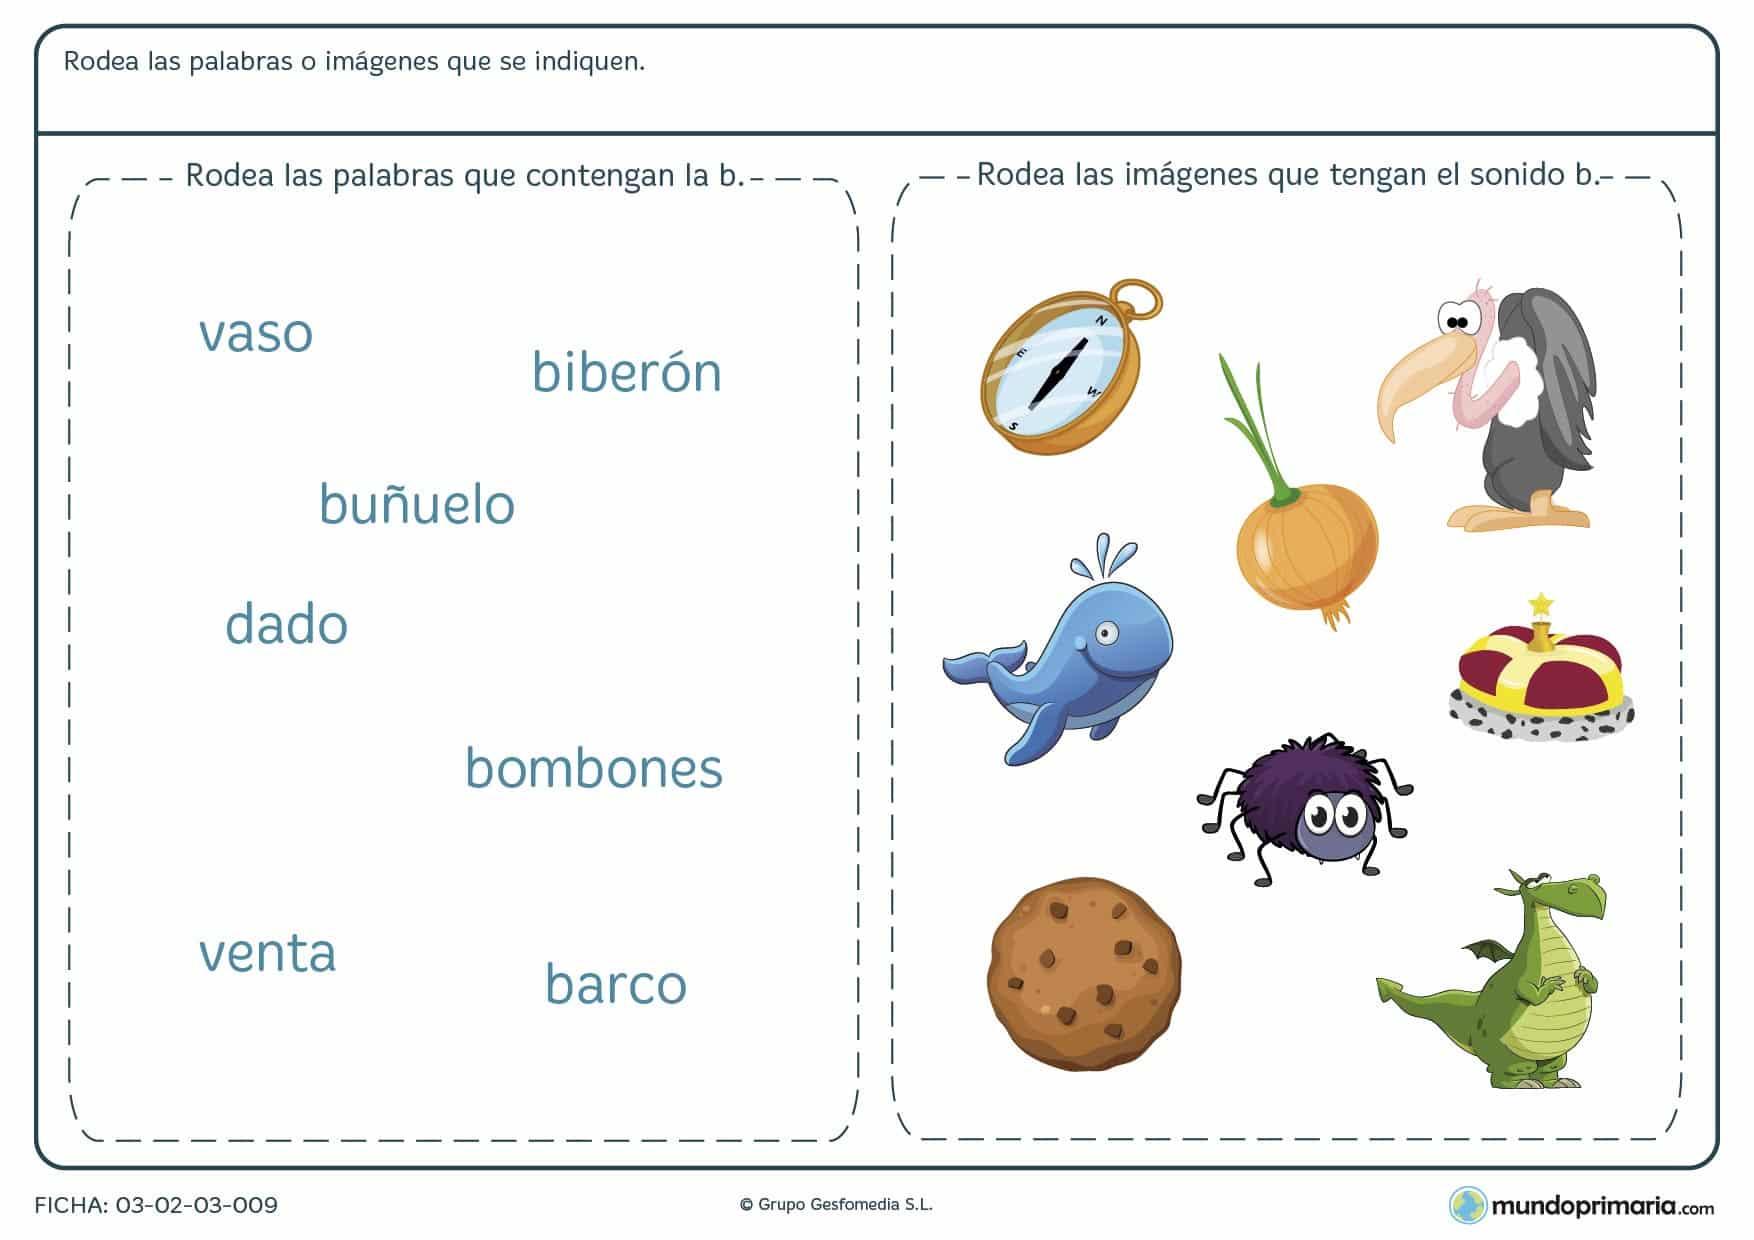 Ficha sobre la letra B para identificar las palabras e imágenes que contienen la letra B.